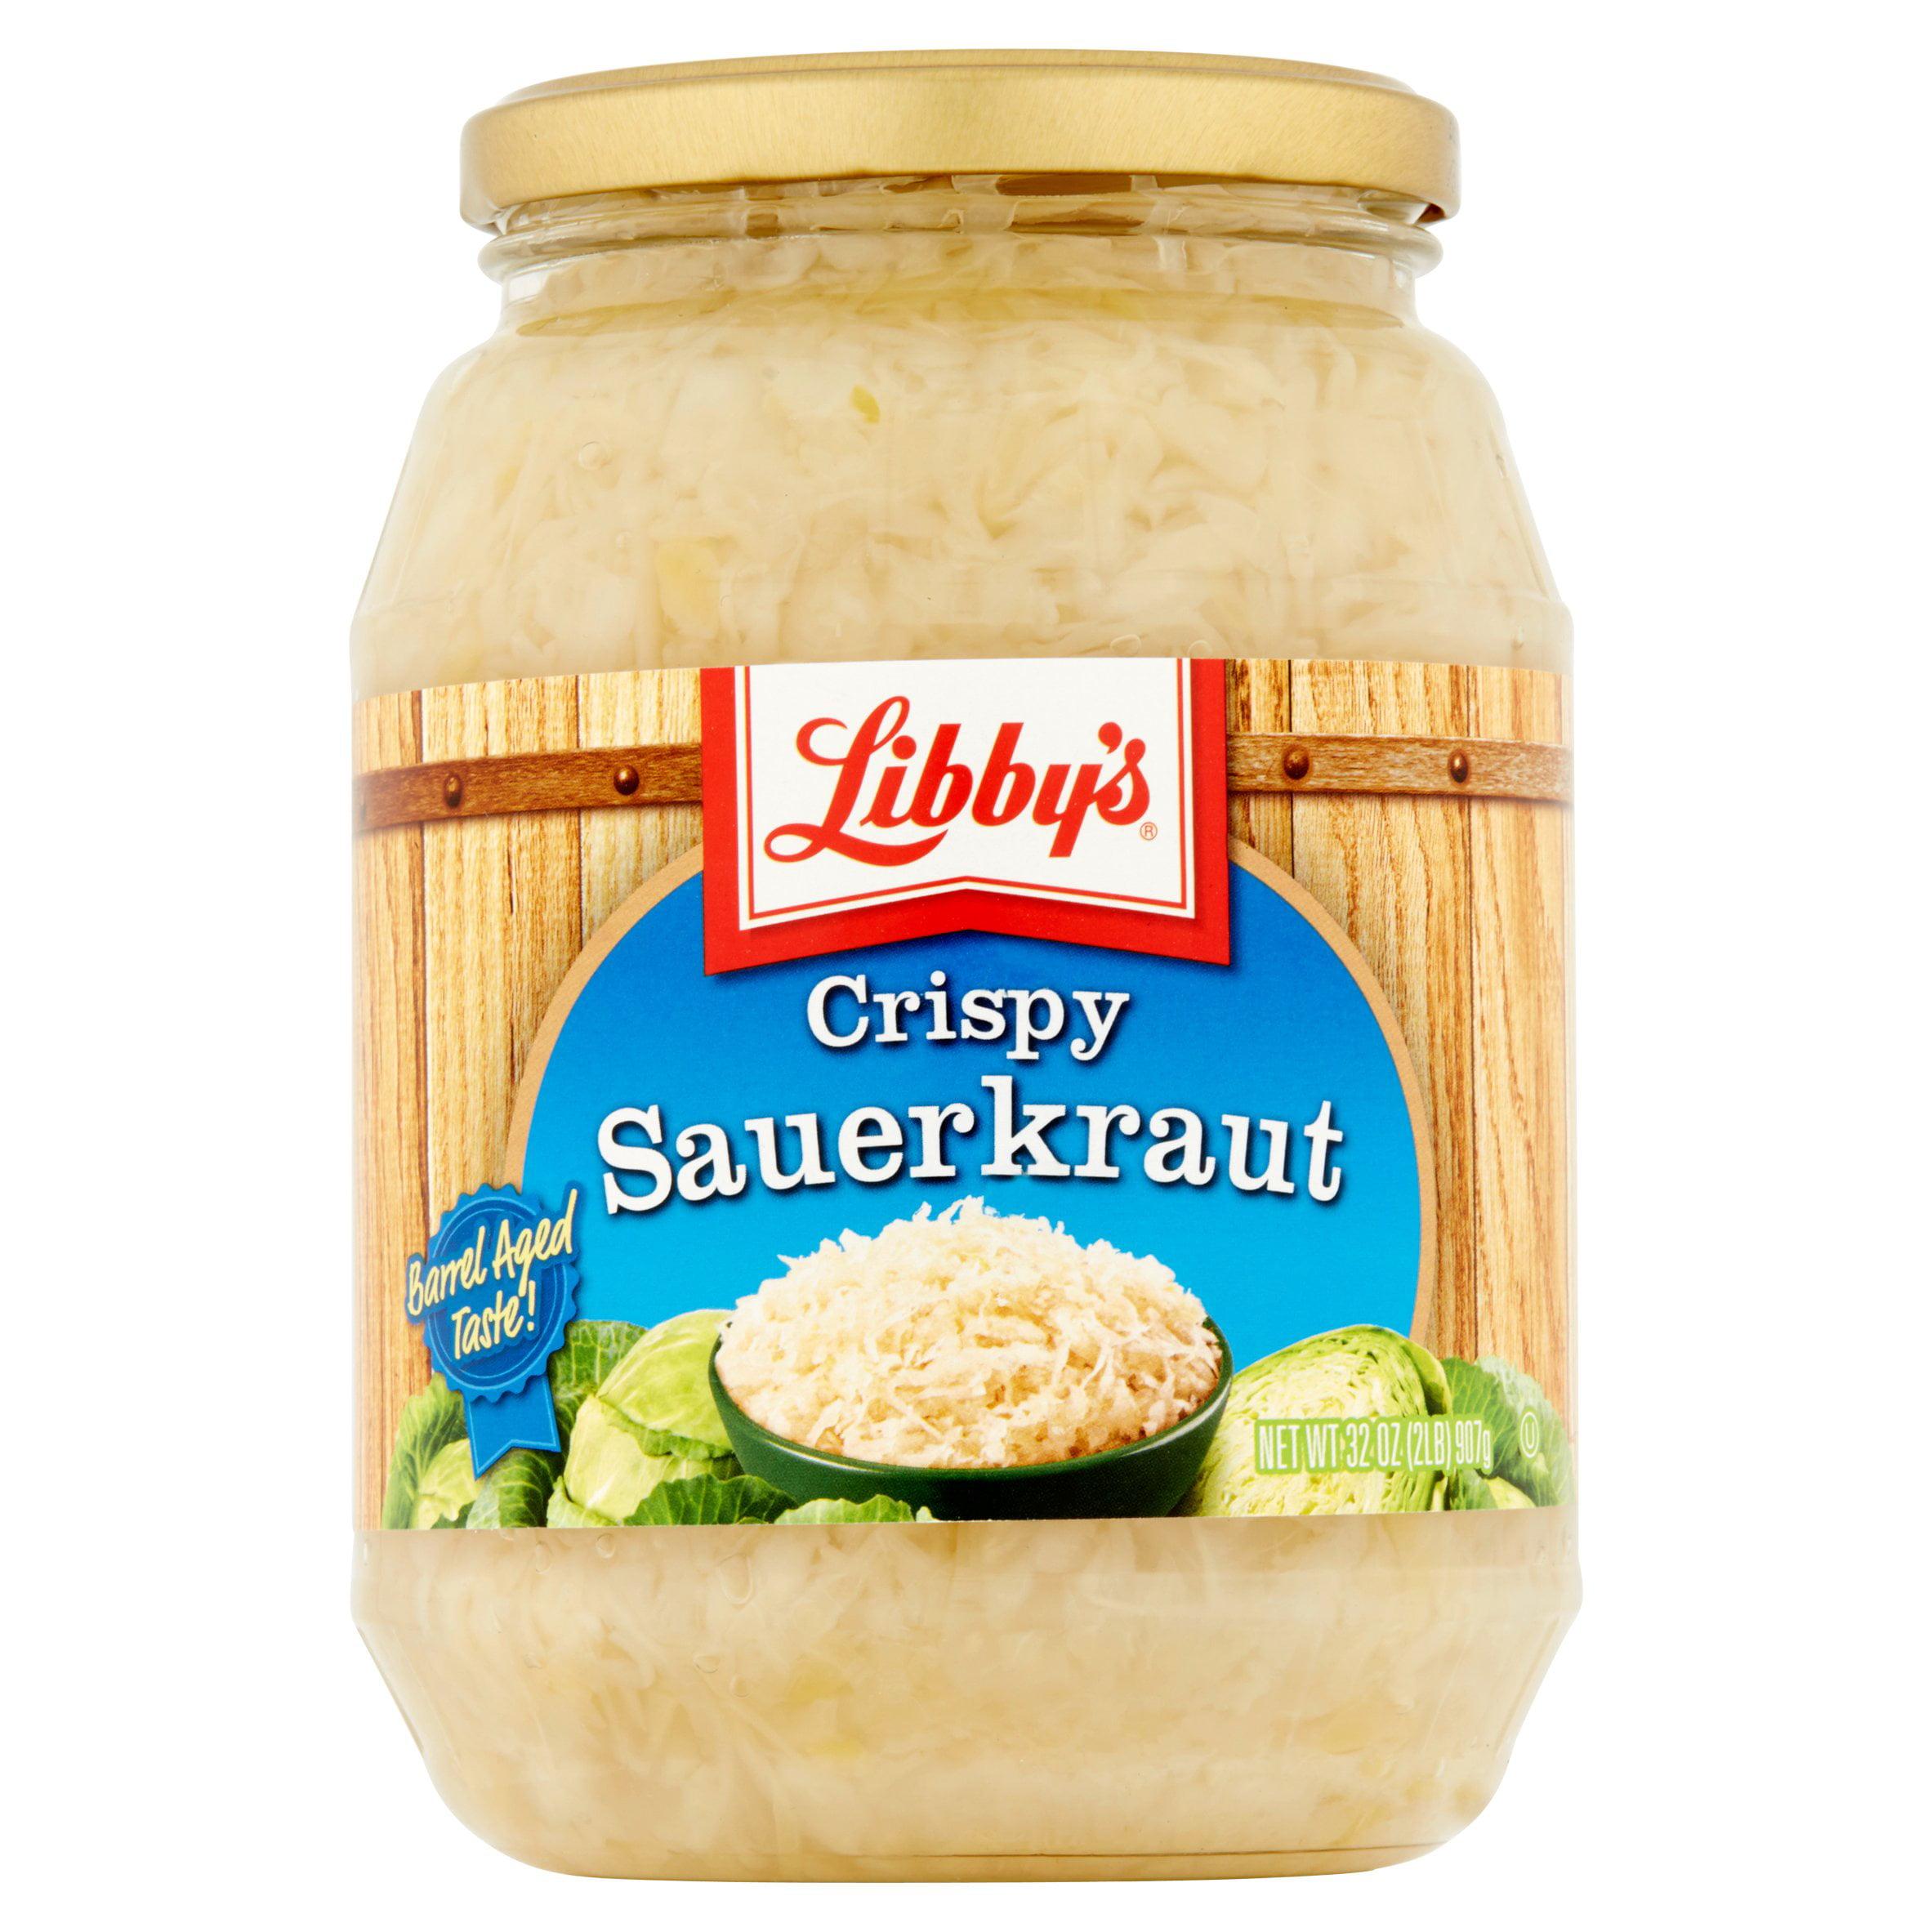 Libby's Crispy Sauerkraut 32 oz. Jar by Seneca Foods Corp.